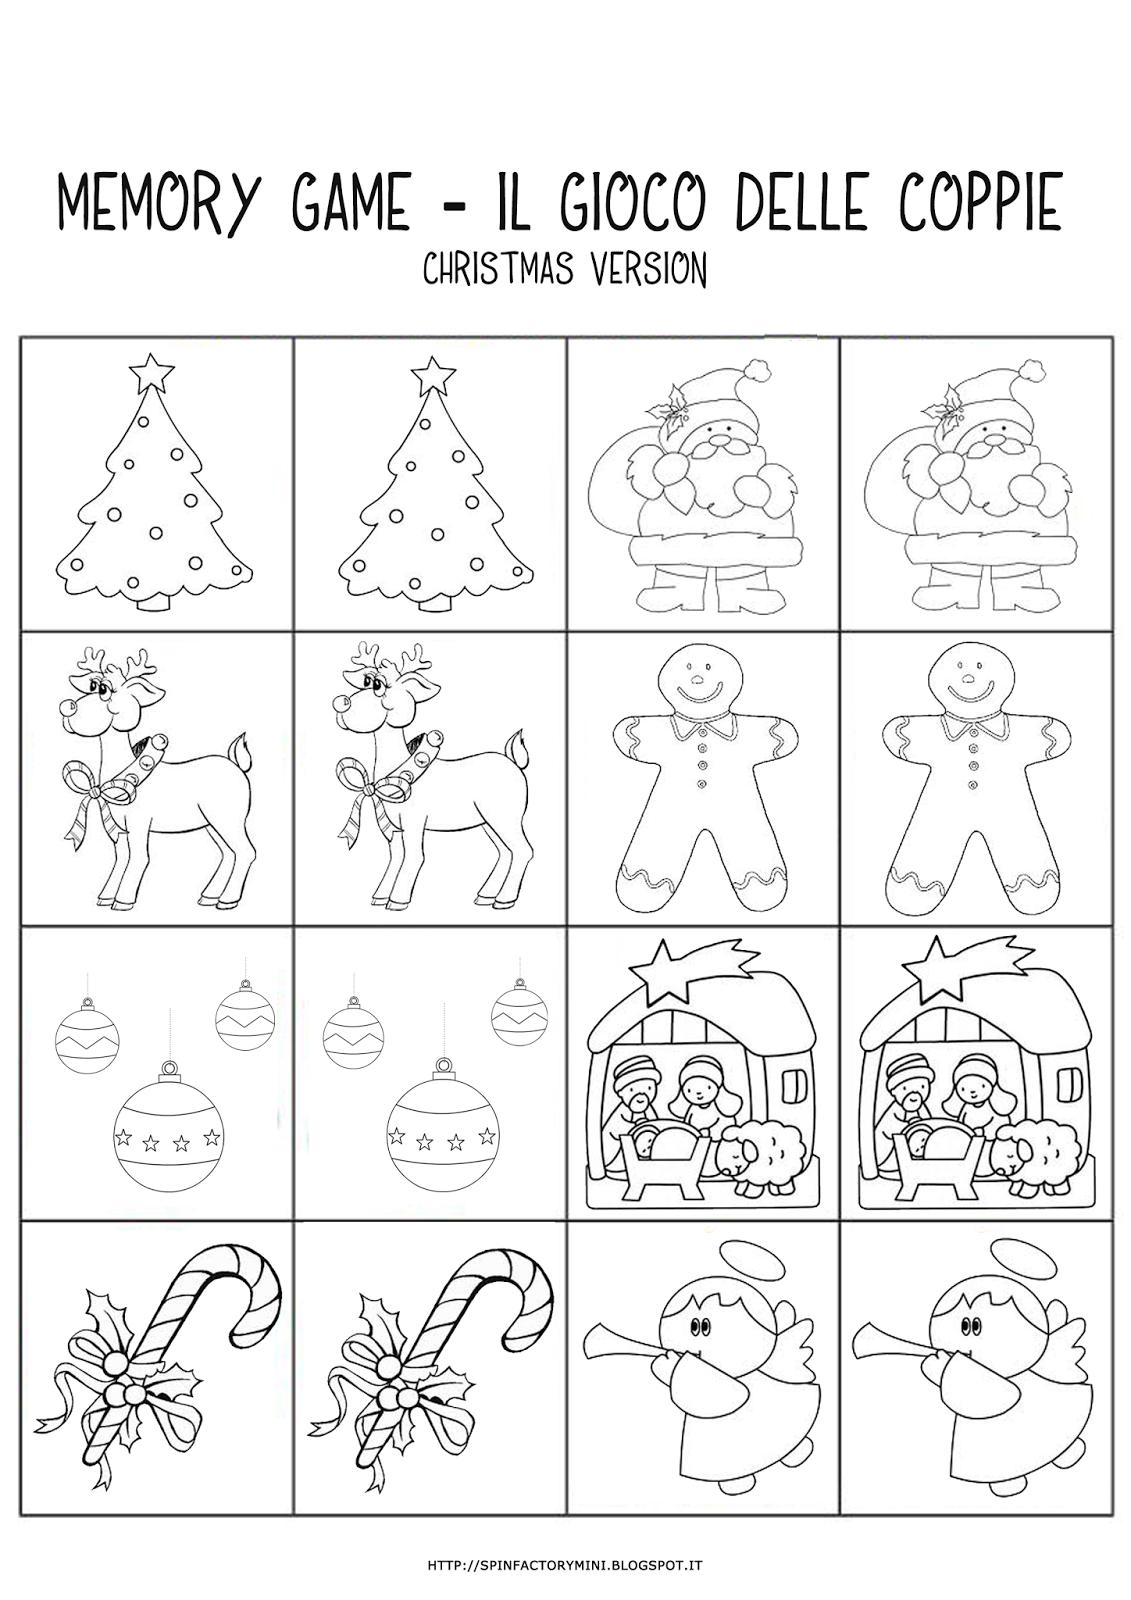 Minifactory memory di natale il gioco delle coppie dai for Memory da stampare per bambini